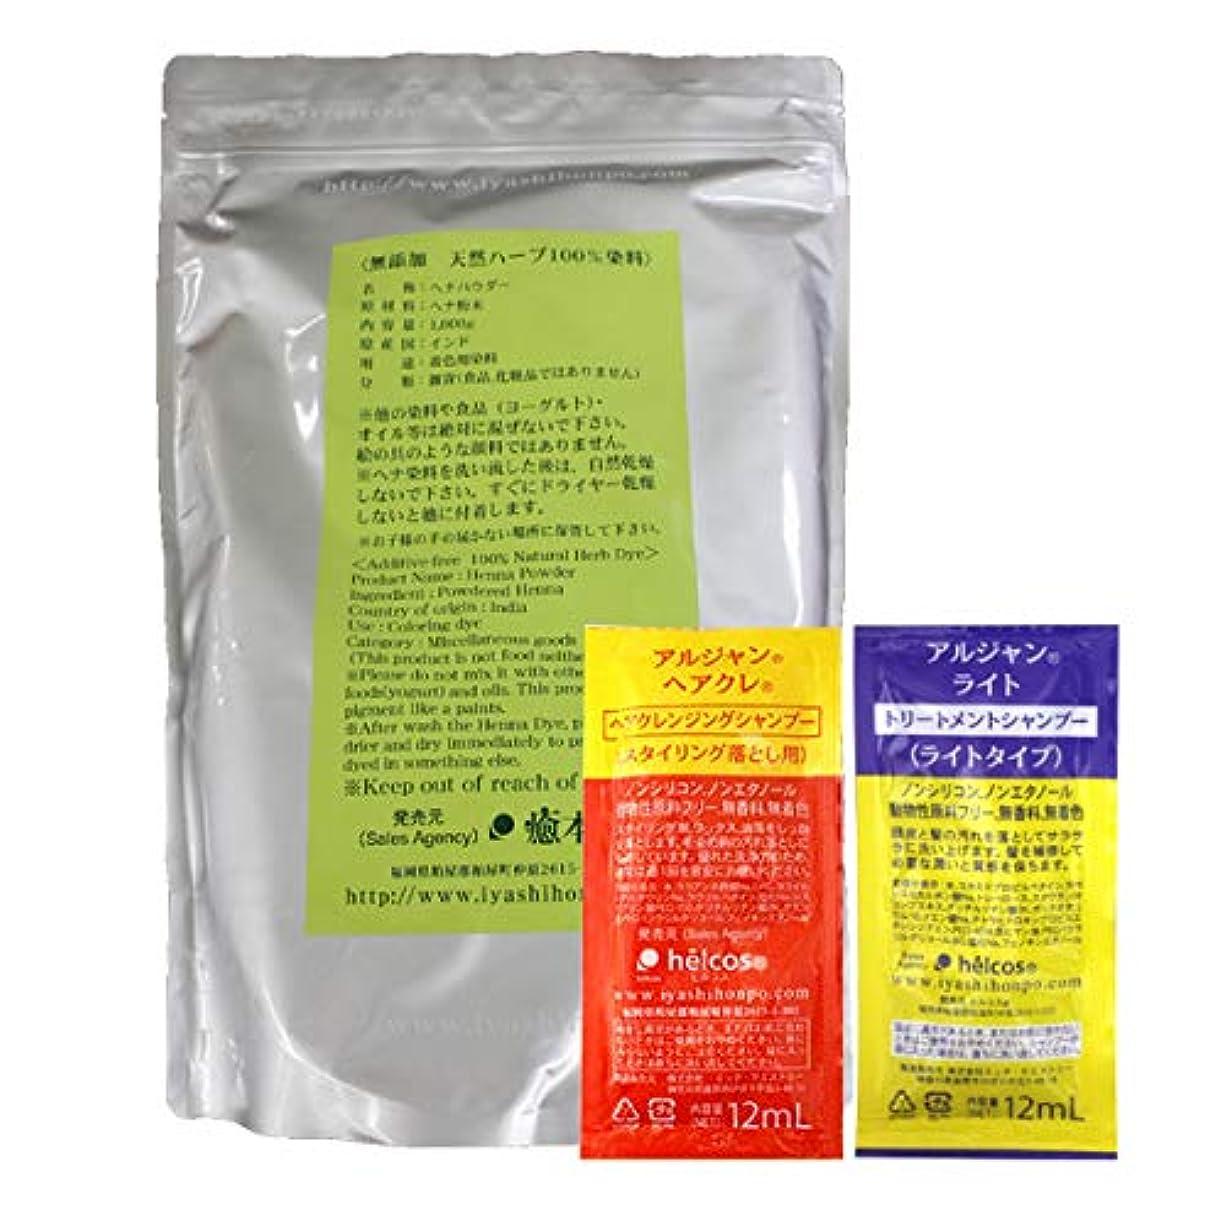 不足アーティキュレーション競う白髪染め ヘナ(天然染料100%) 1,000g + シャンプー2種セット 癒本舗(ブラウン)